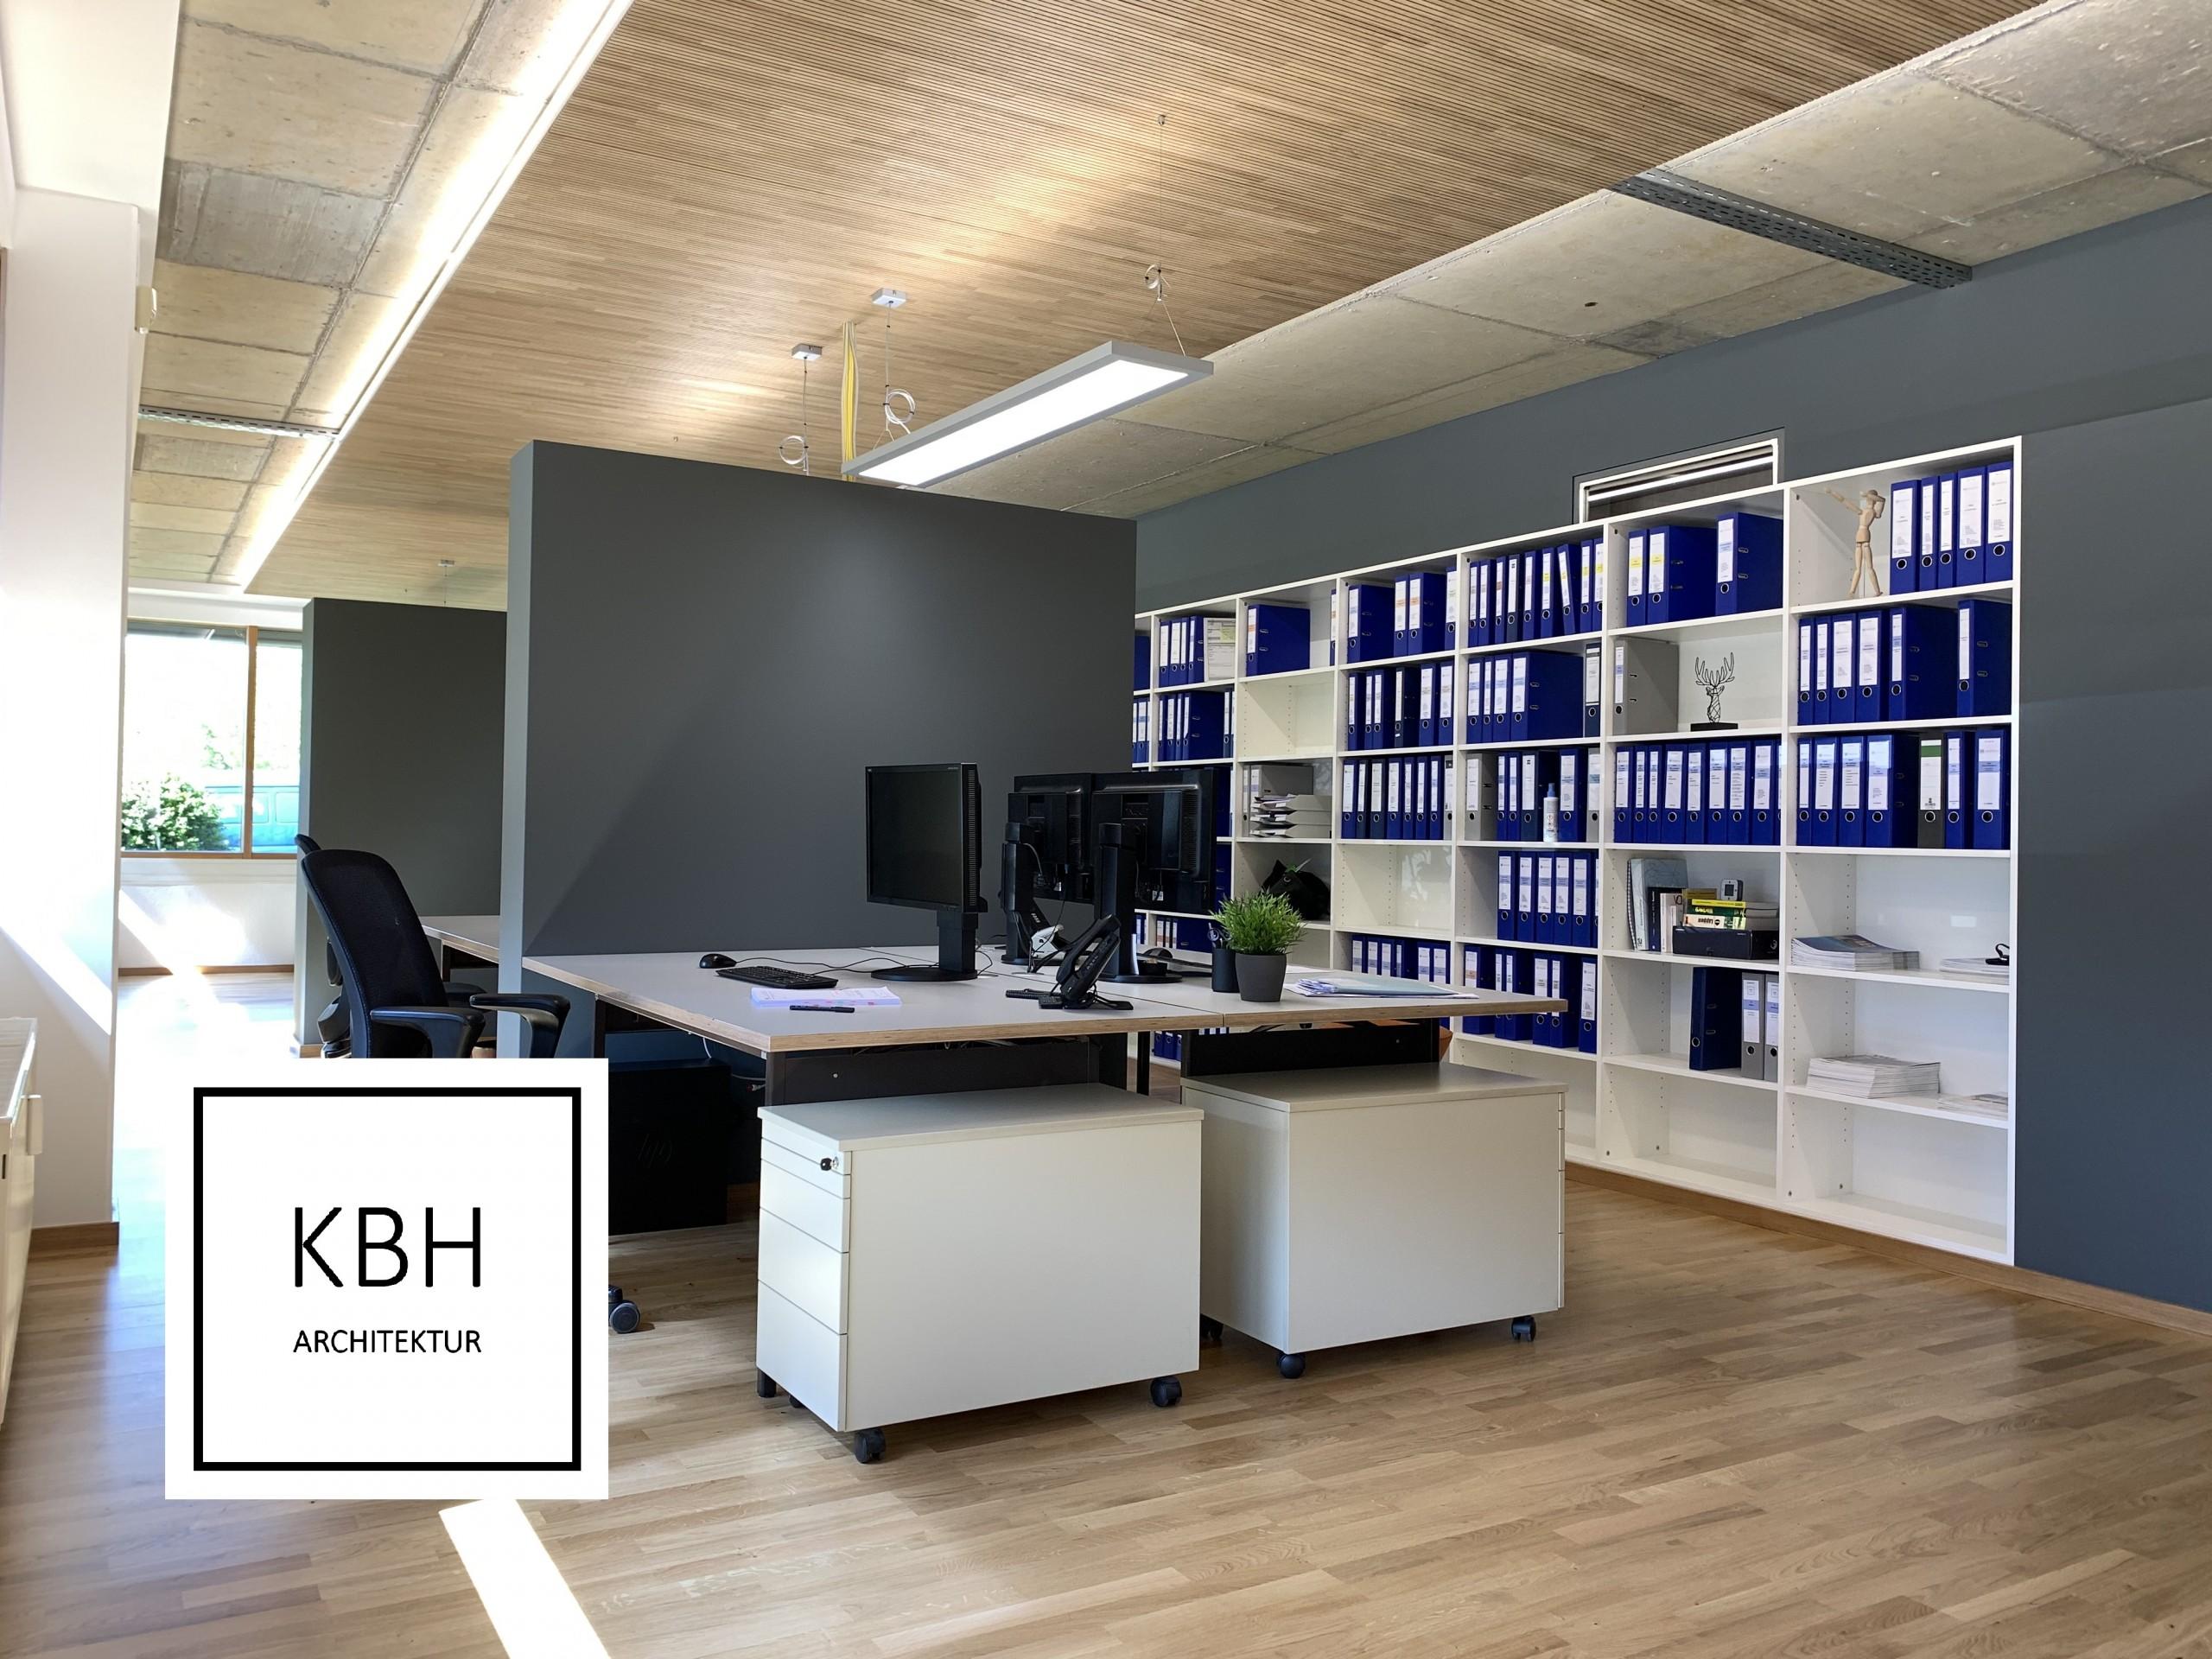 Foto: KBH Architektur